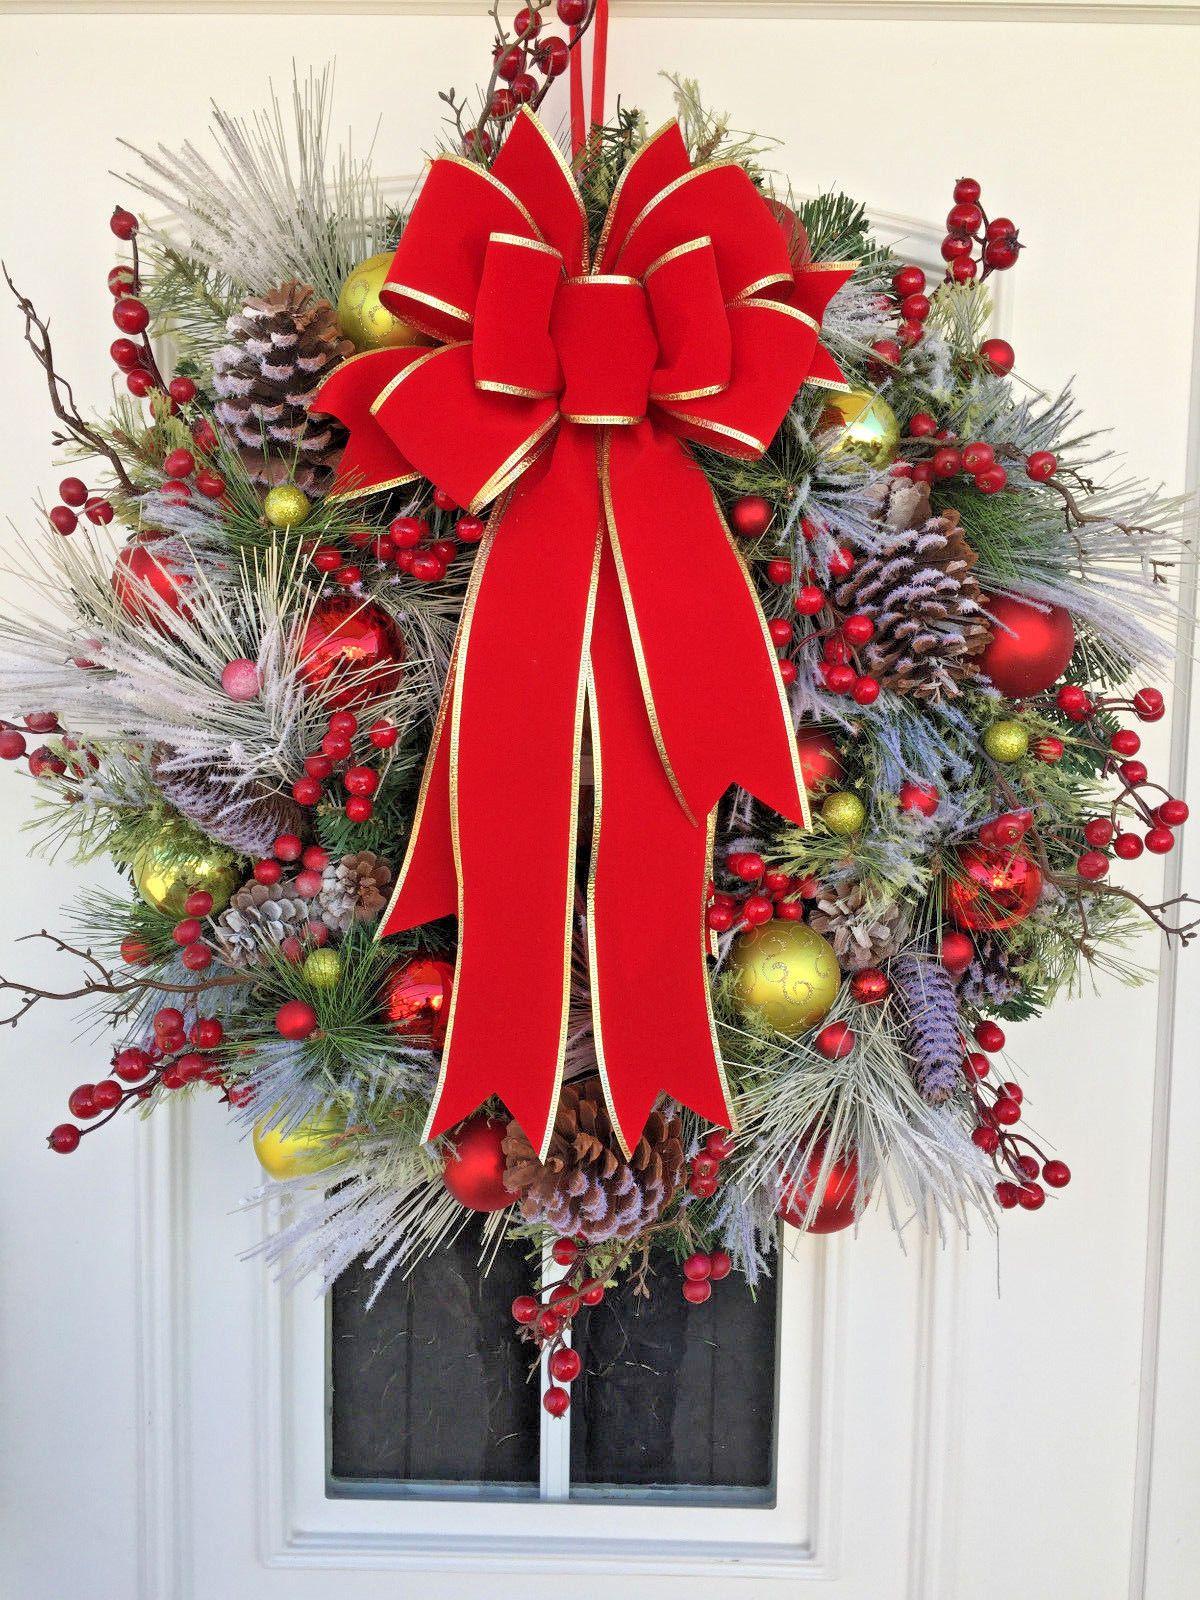 Ebay Weihnachtsdeko.Turkranz Weihnachten Weihnachtskranz Xxl Weihnachtsdeko